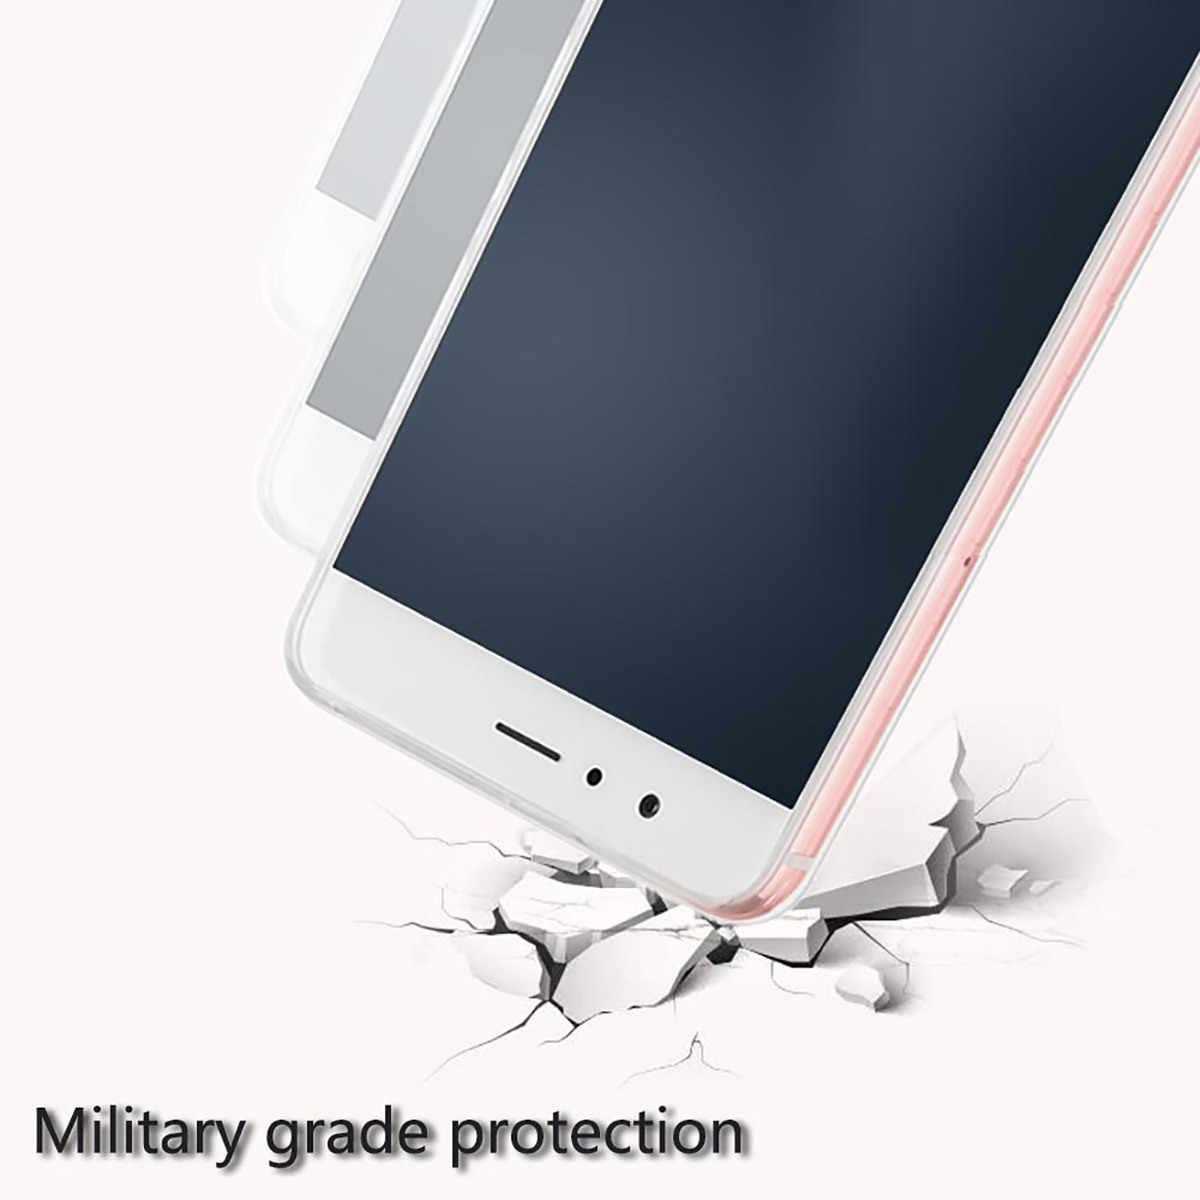 الهاتف حالة ل الكاتيل A3 5.0 بوصة لينة TPU غطاء ل الكاتيل A3 زهرة لطيف حالة حماية عودة حالة الطباعة قذيفة لطيف غطاء